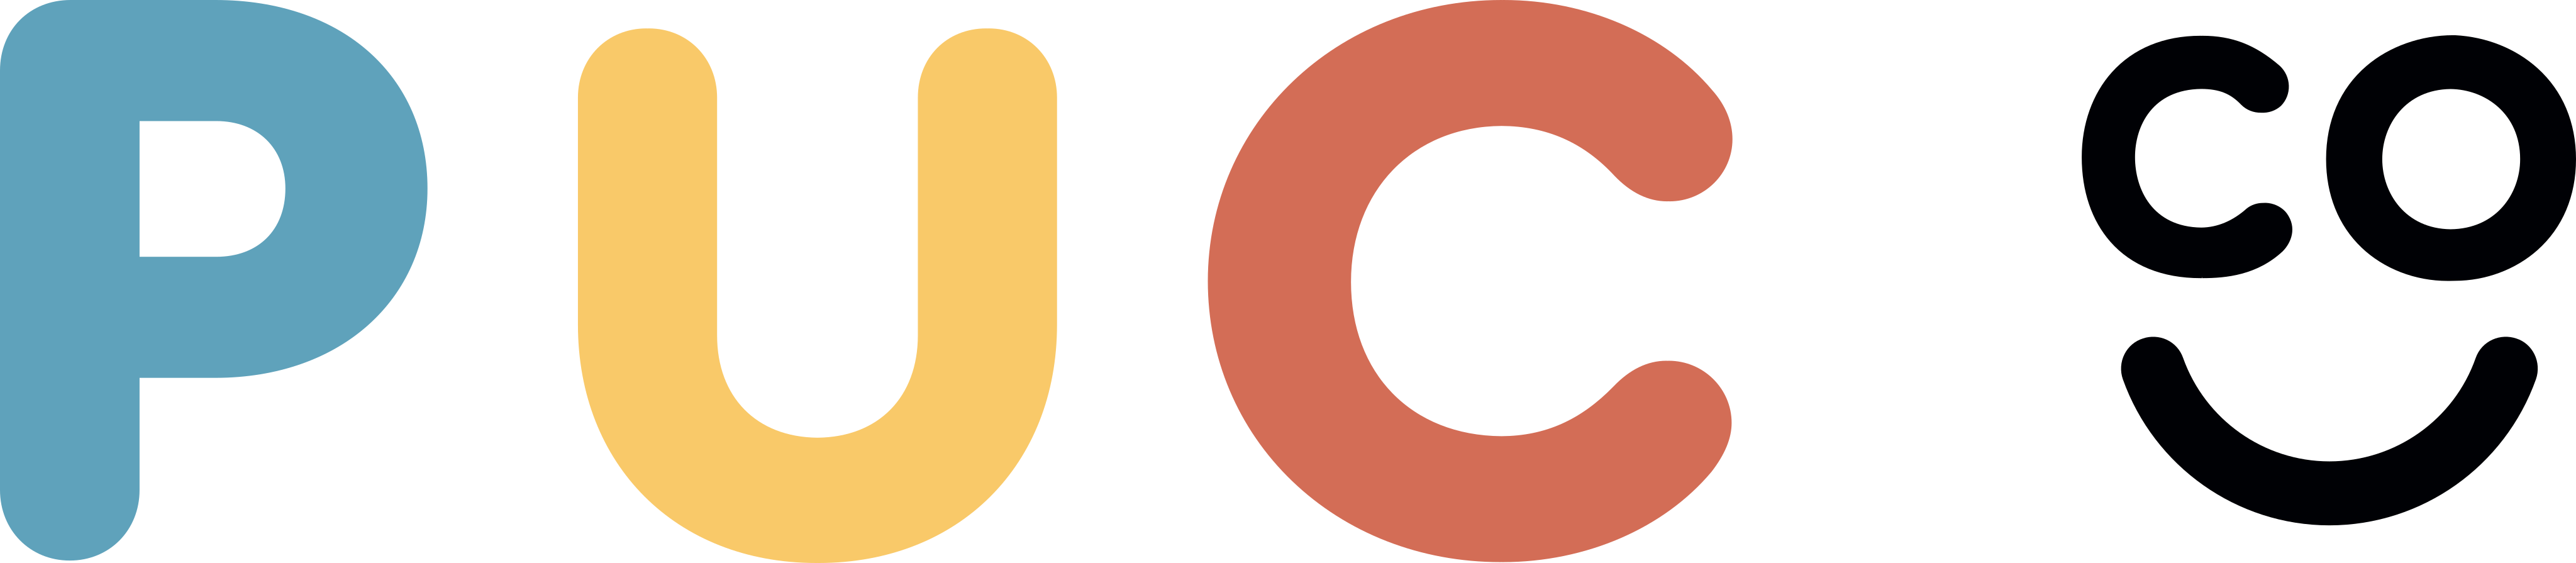 puc kids logo - PUC Kids Logo